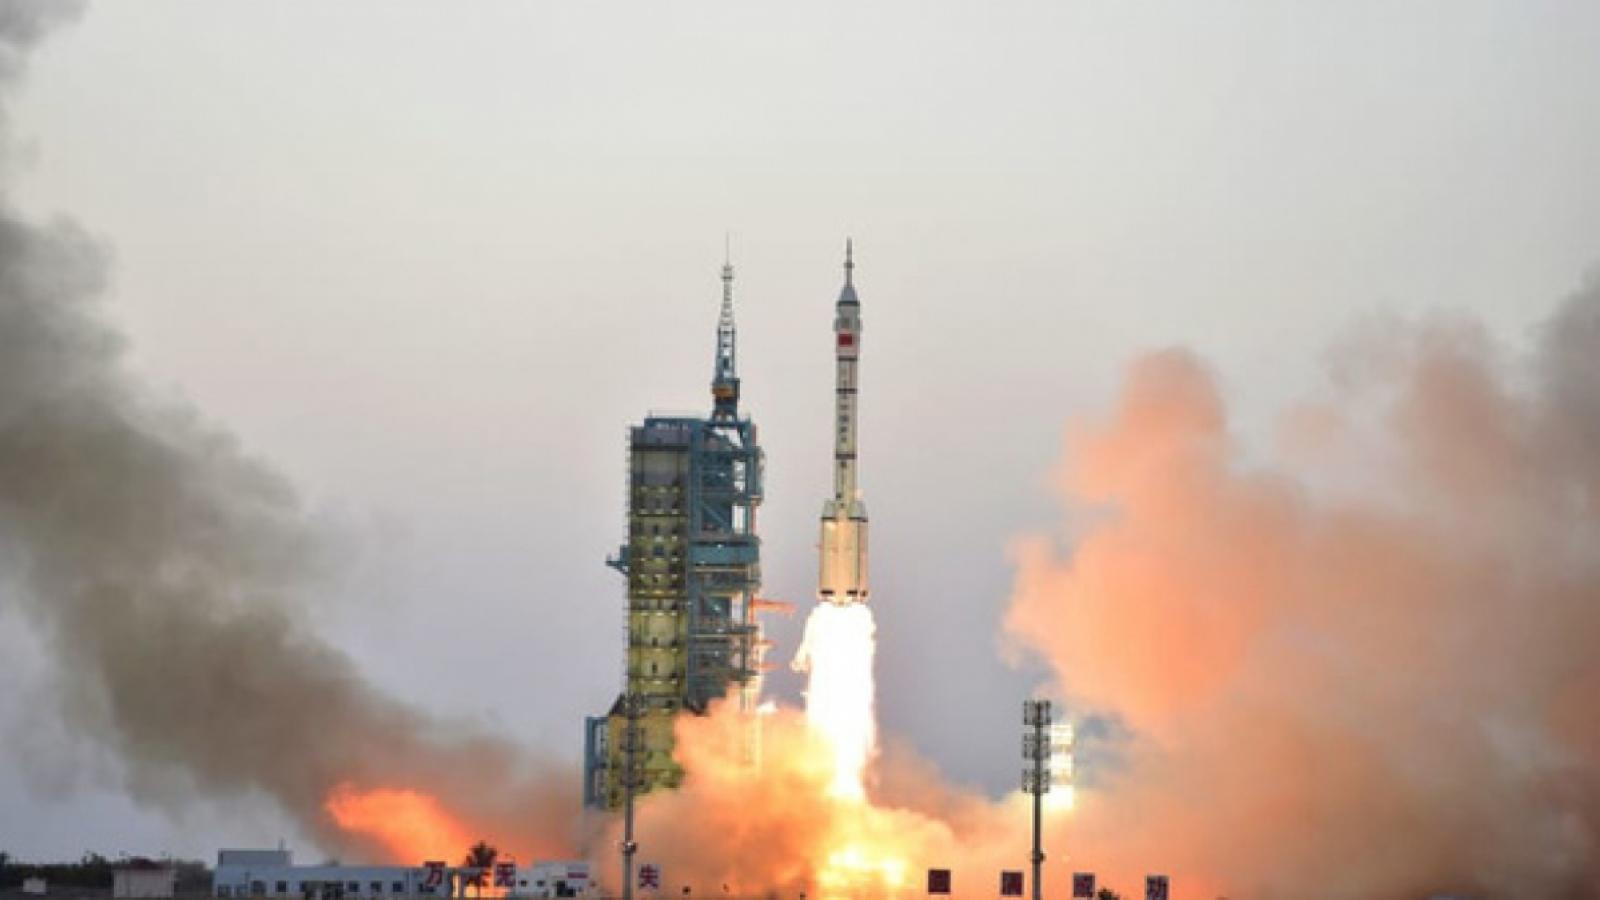 Nga: Trung Quốc thử tên lửa siêu thanh không vi phạm nghĩa vụ quốc tế